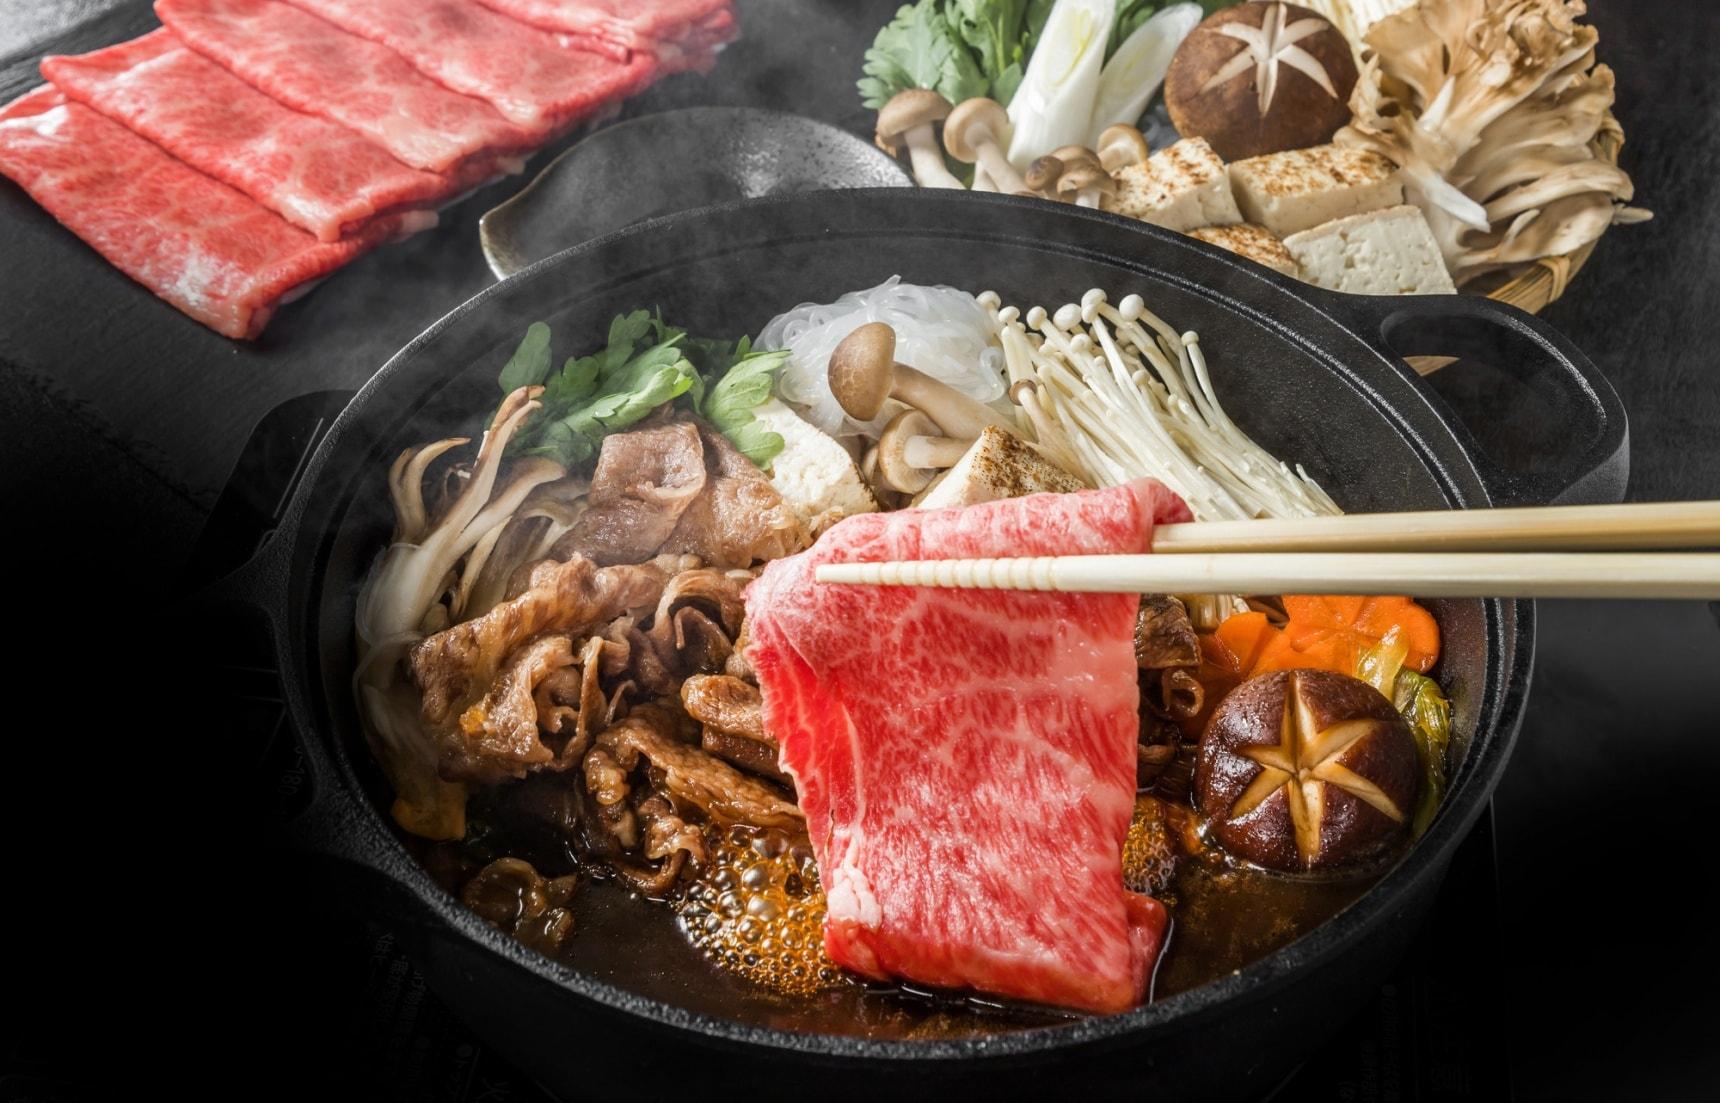 好吃又好拍,吃鍋也要趕流行!東京10大話題熱門鍋物